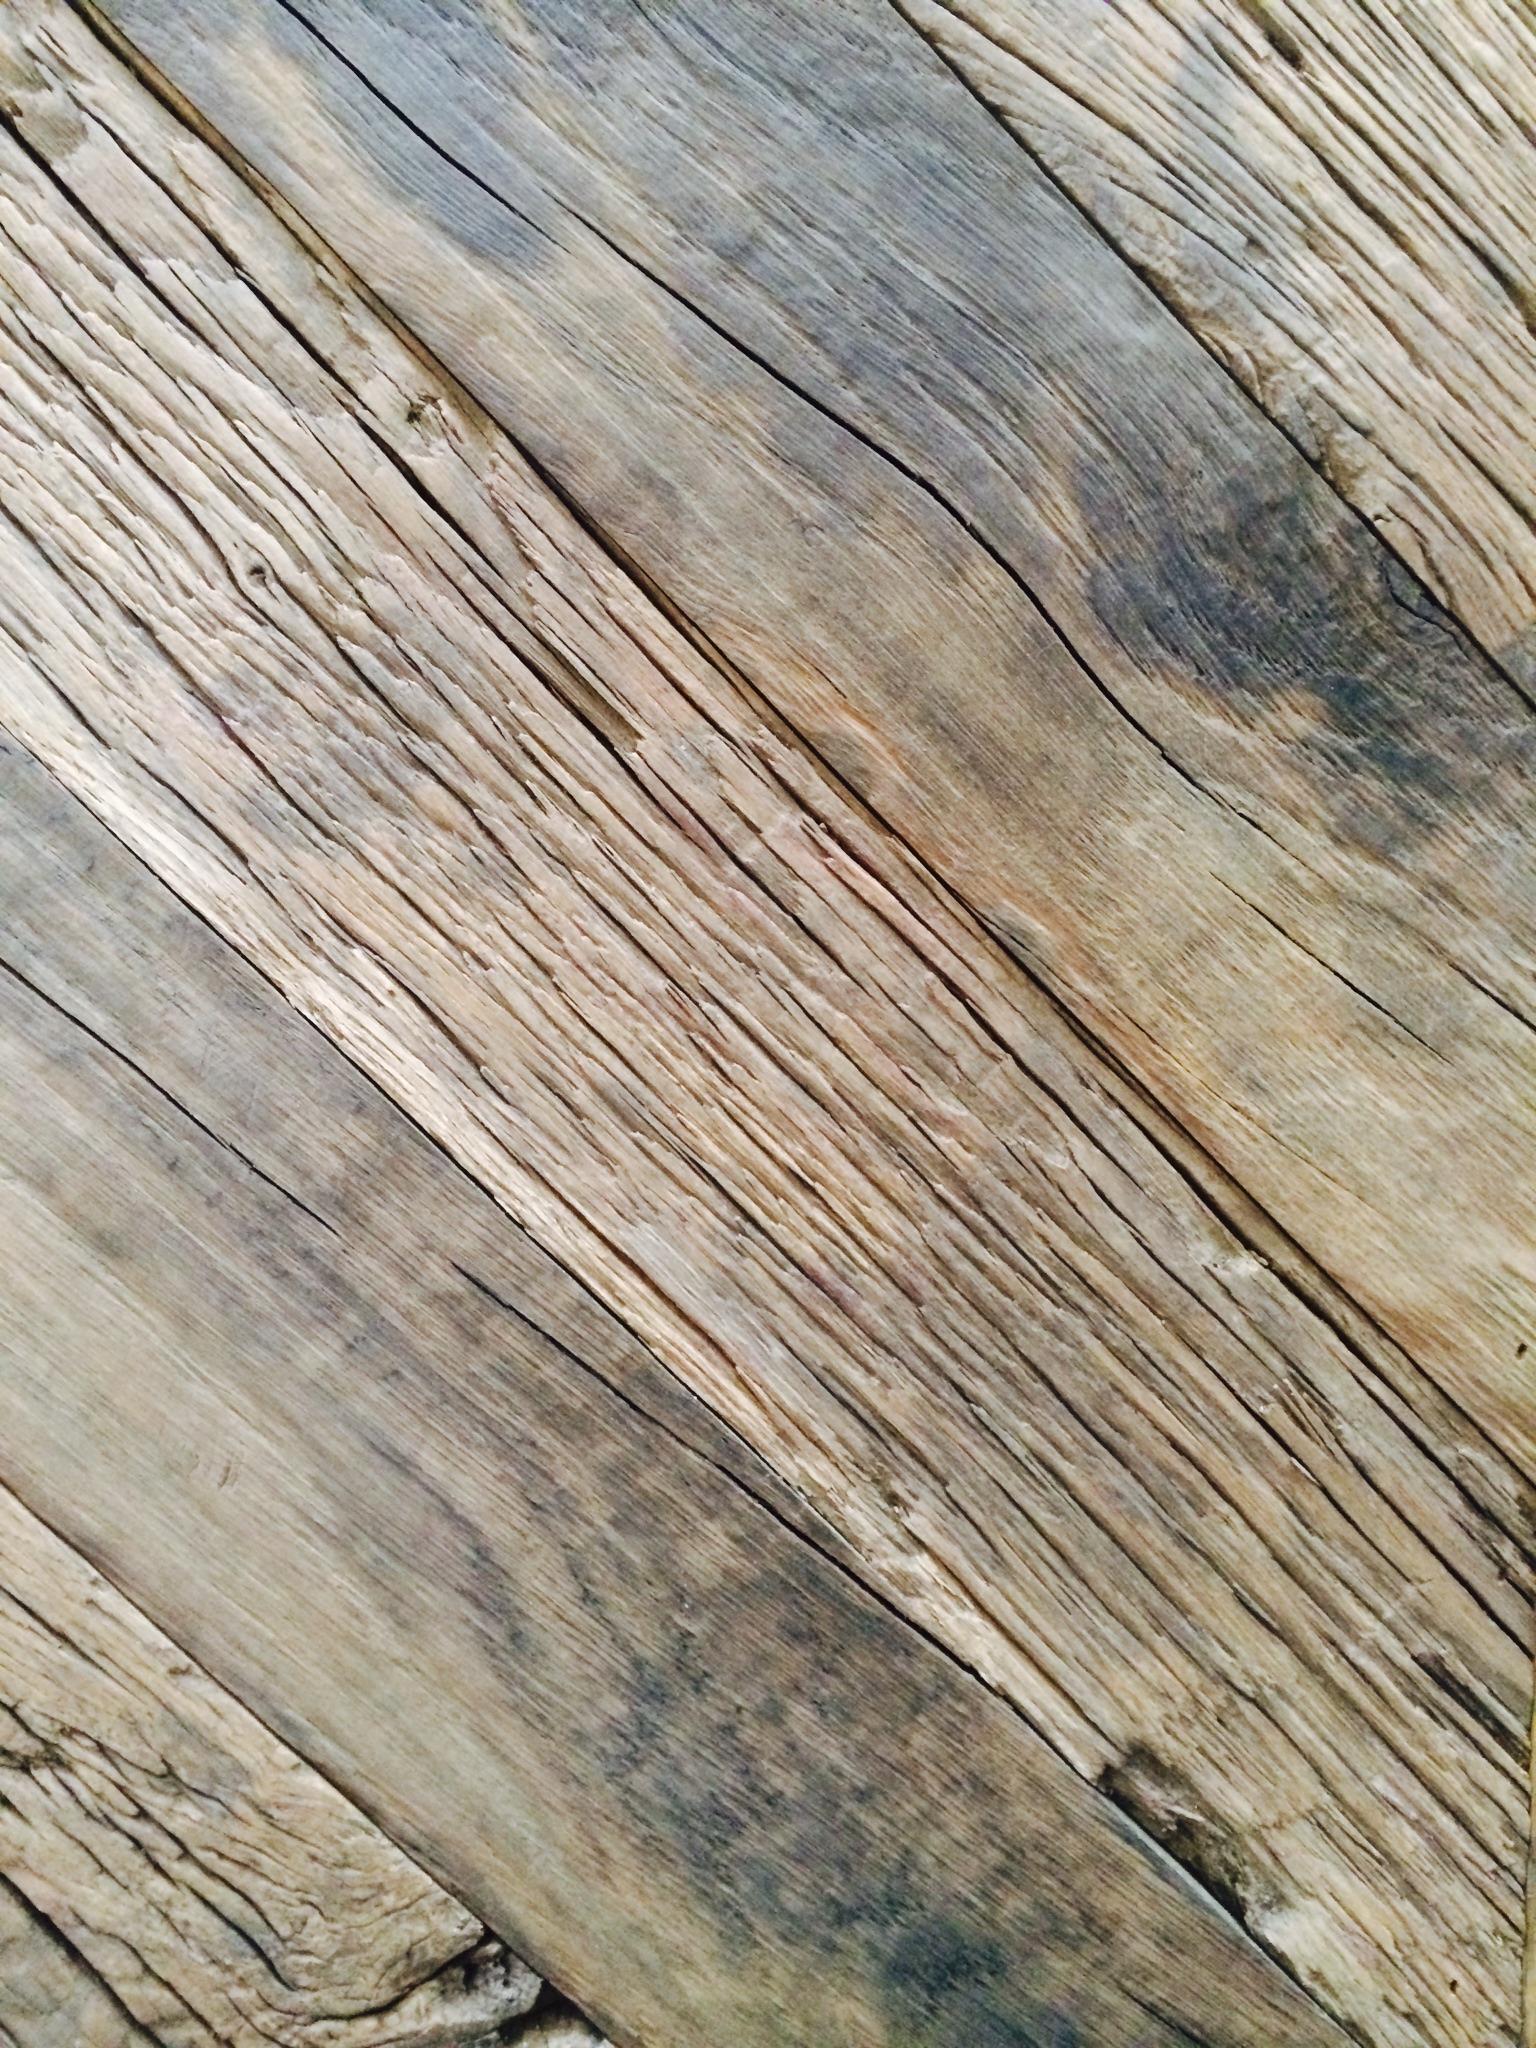 Visgraat vloer verouderen visgraatvloer - Betegeld wit parket effect ...